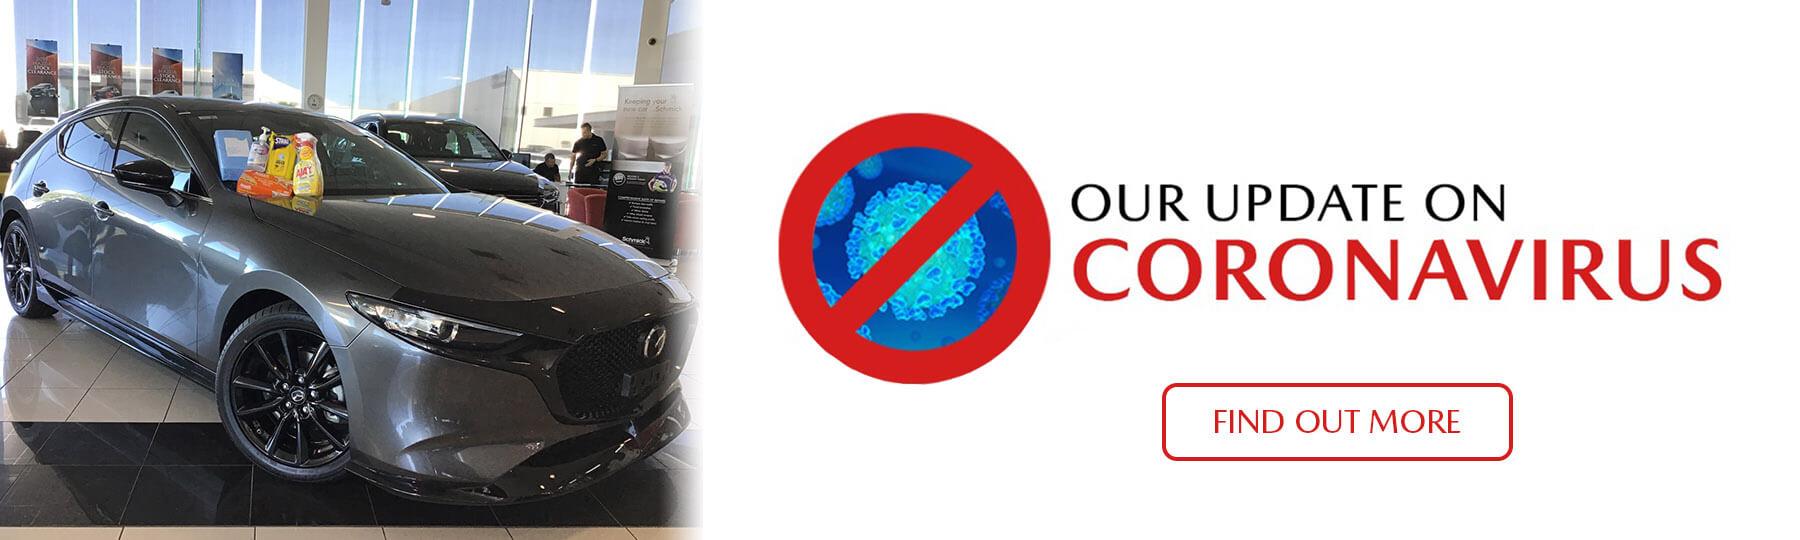 Werribee Mazda Coronavirus Update